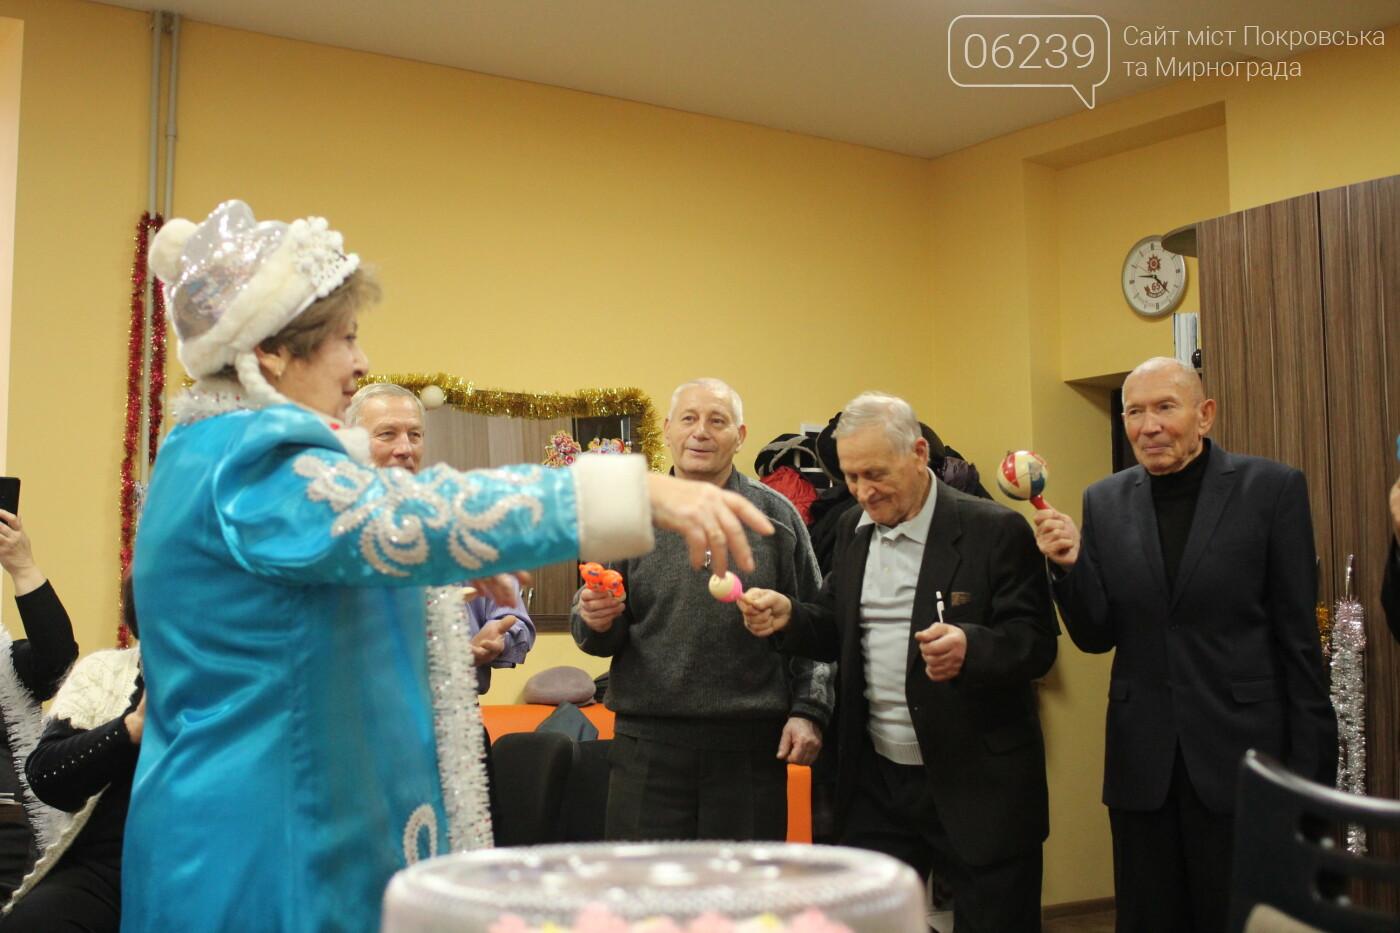 Мирноградских ветеранов поздравили с наступающим Новым годом , фото-3